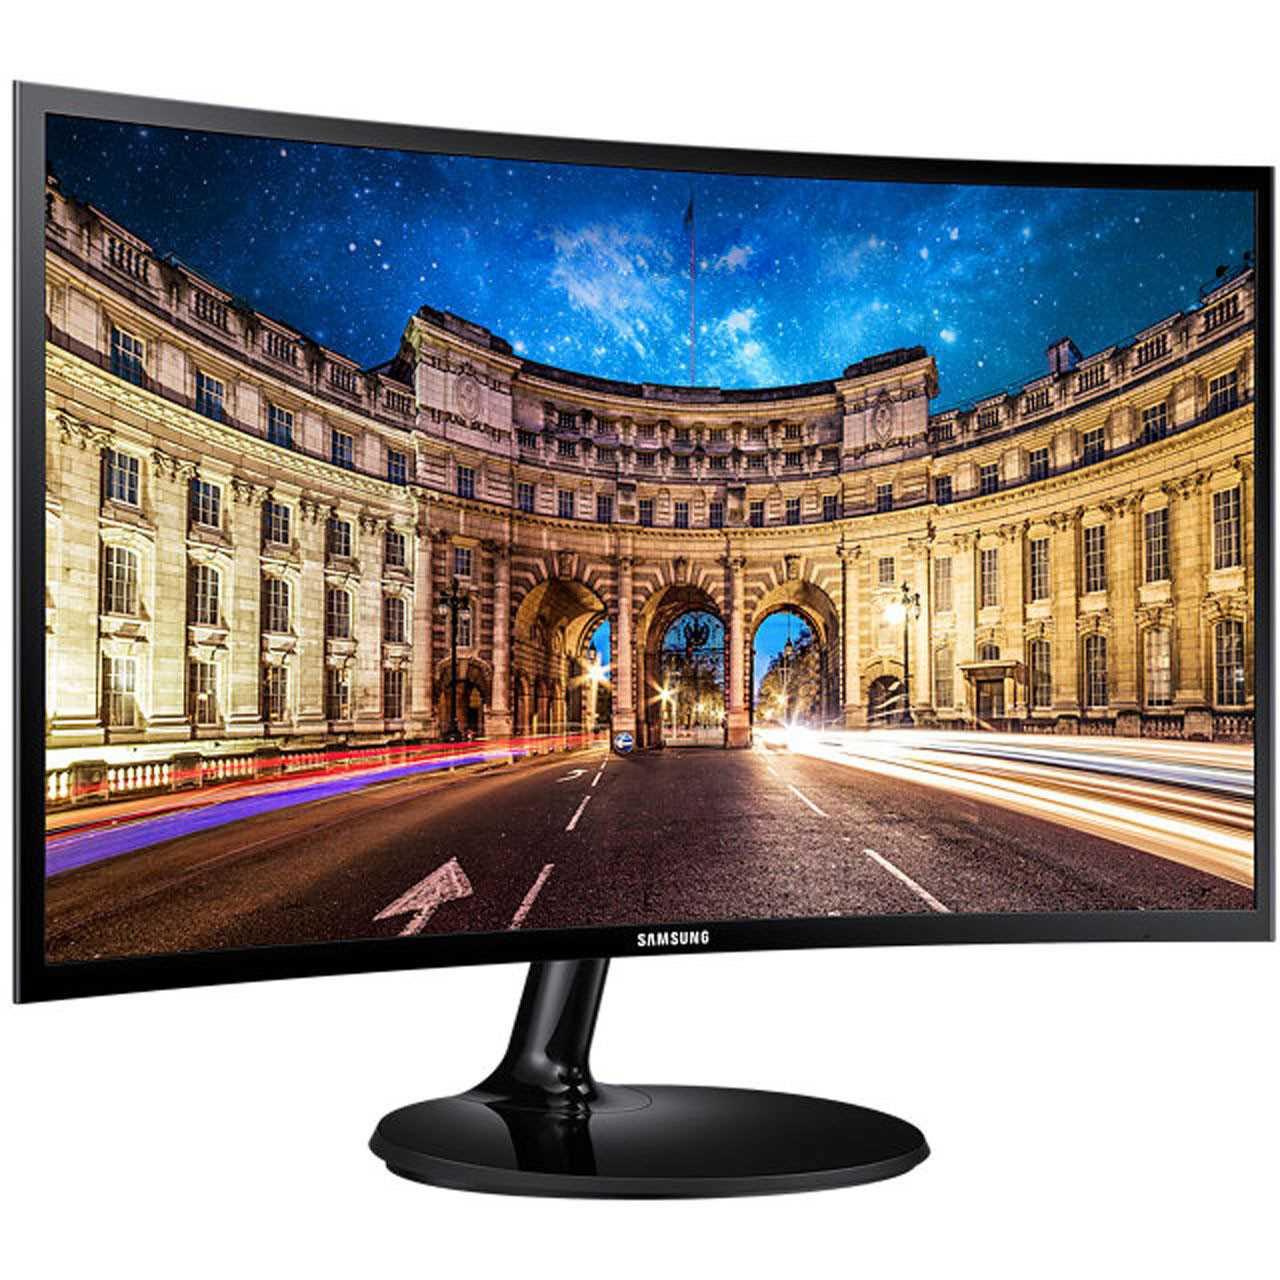 מסך מחשב 24 אינטש Samsung C24F390FH סמסונג - תמונה 1